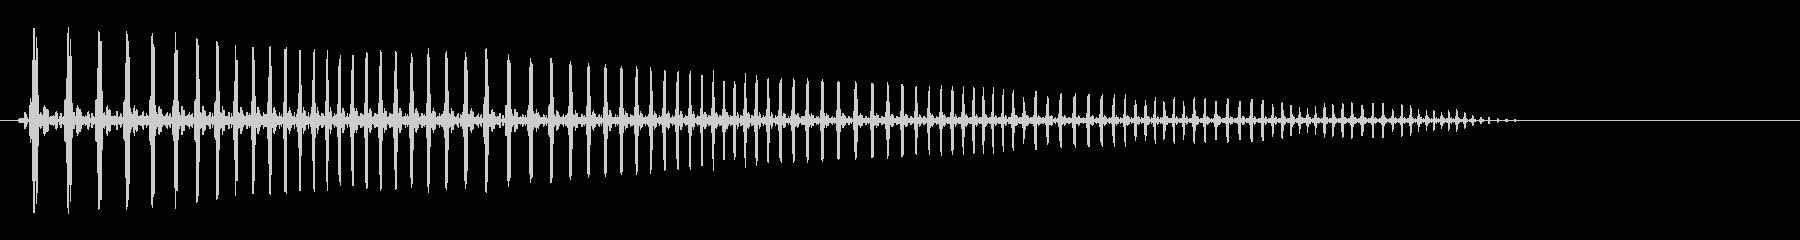 ブワンブワン(動きの大きい移動音)の未再生の波形